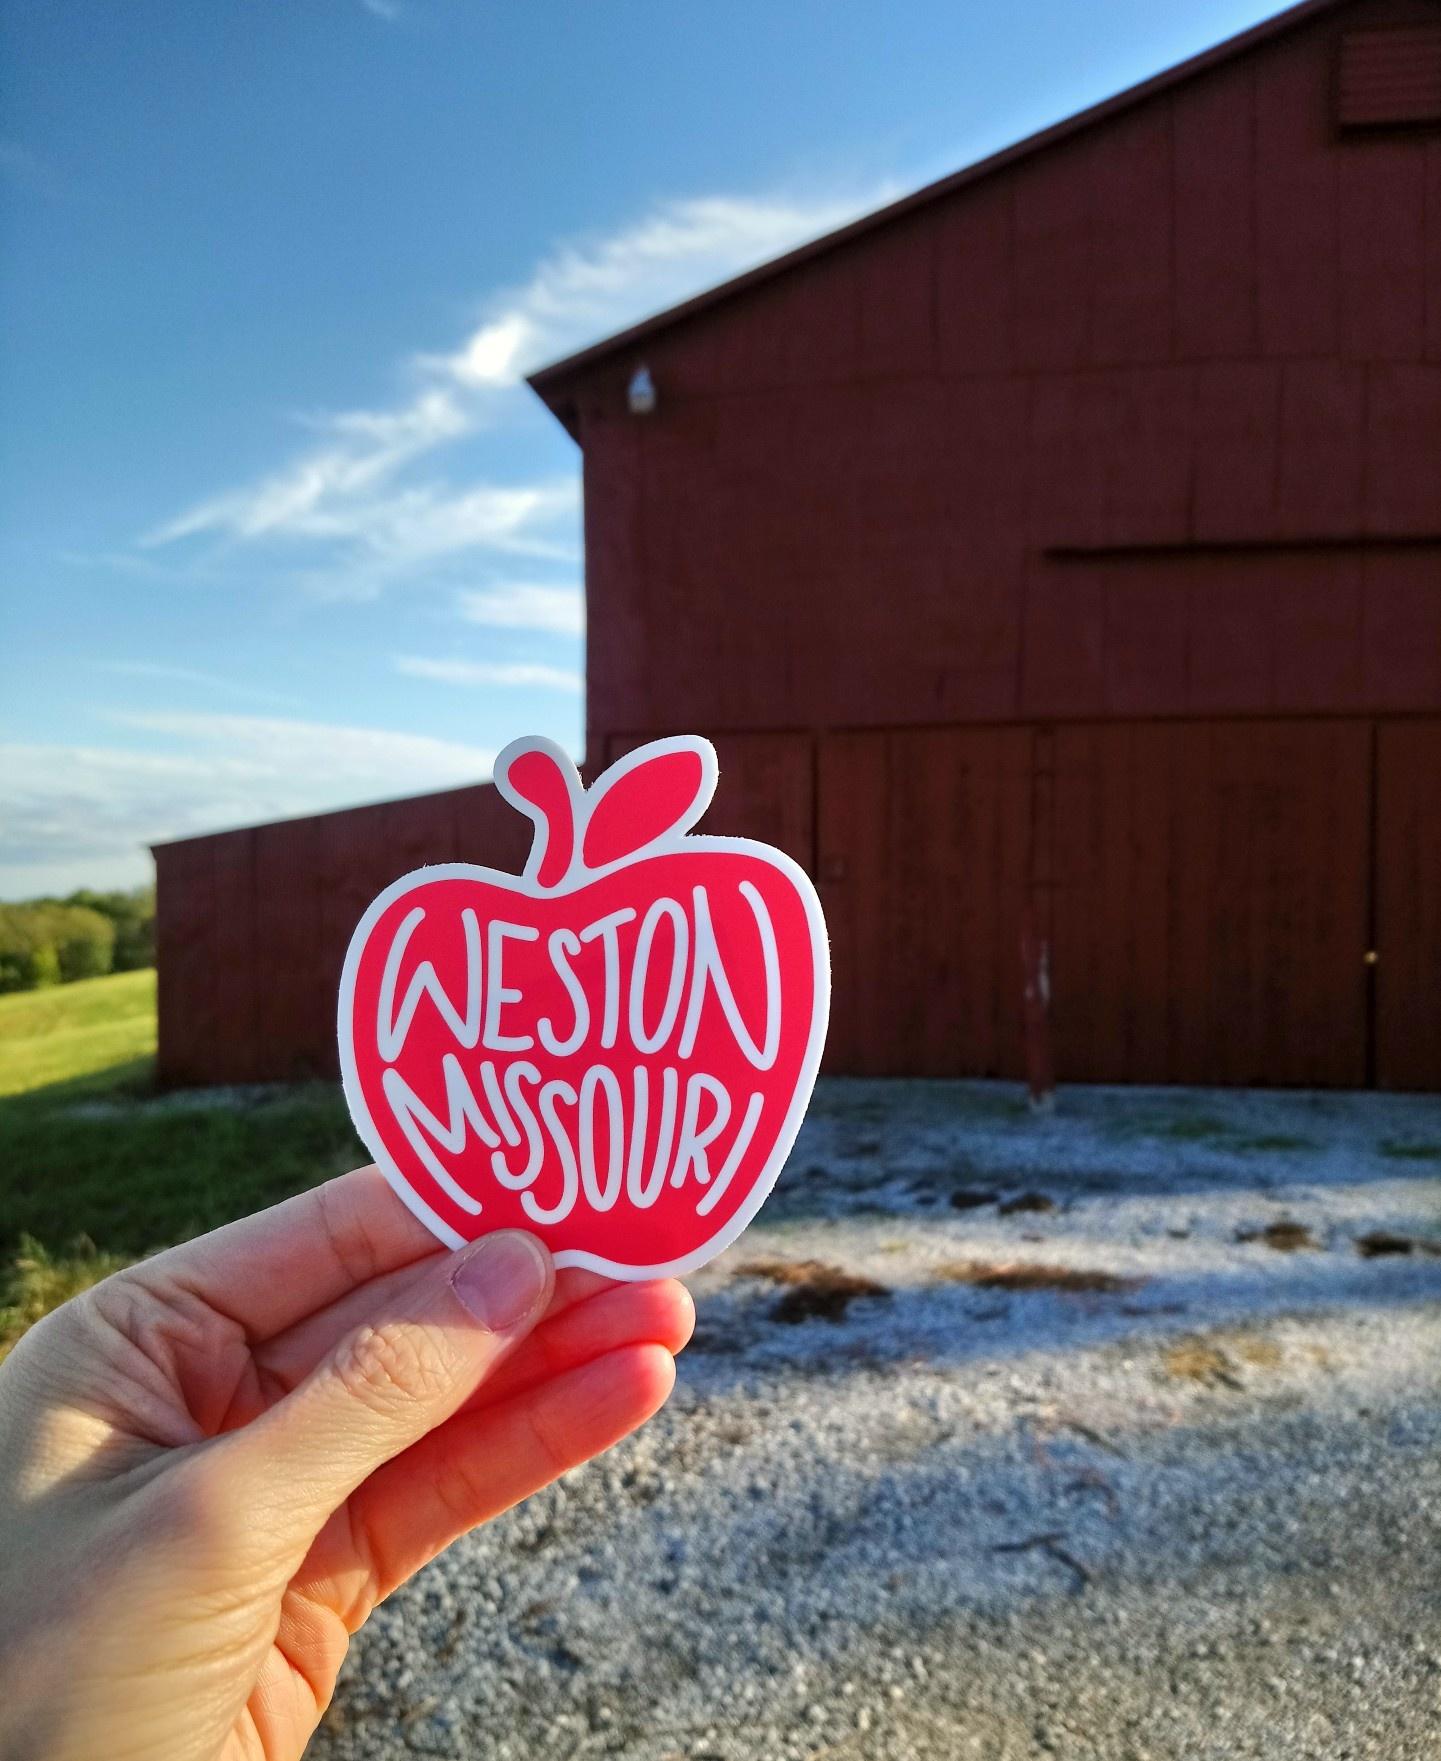 Weston Missouri Apple Red Sticker